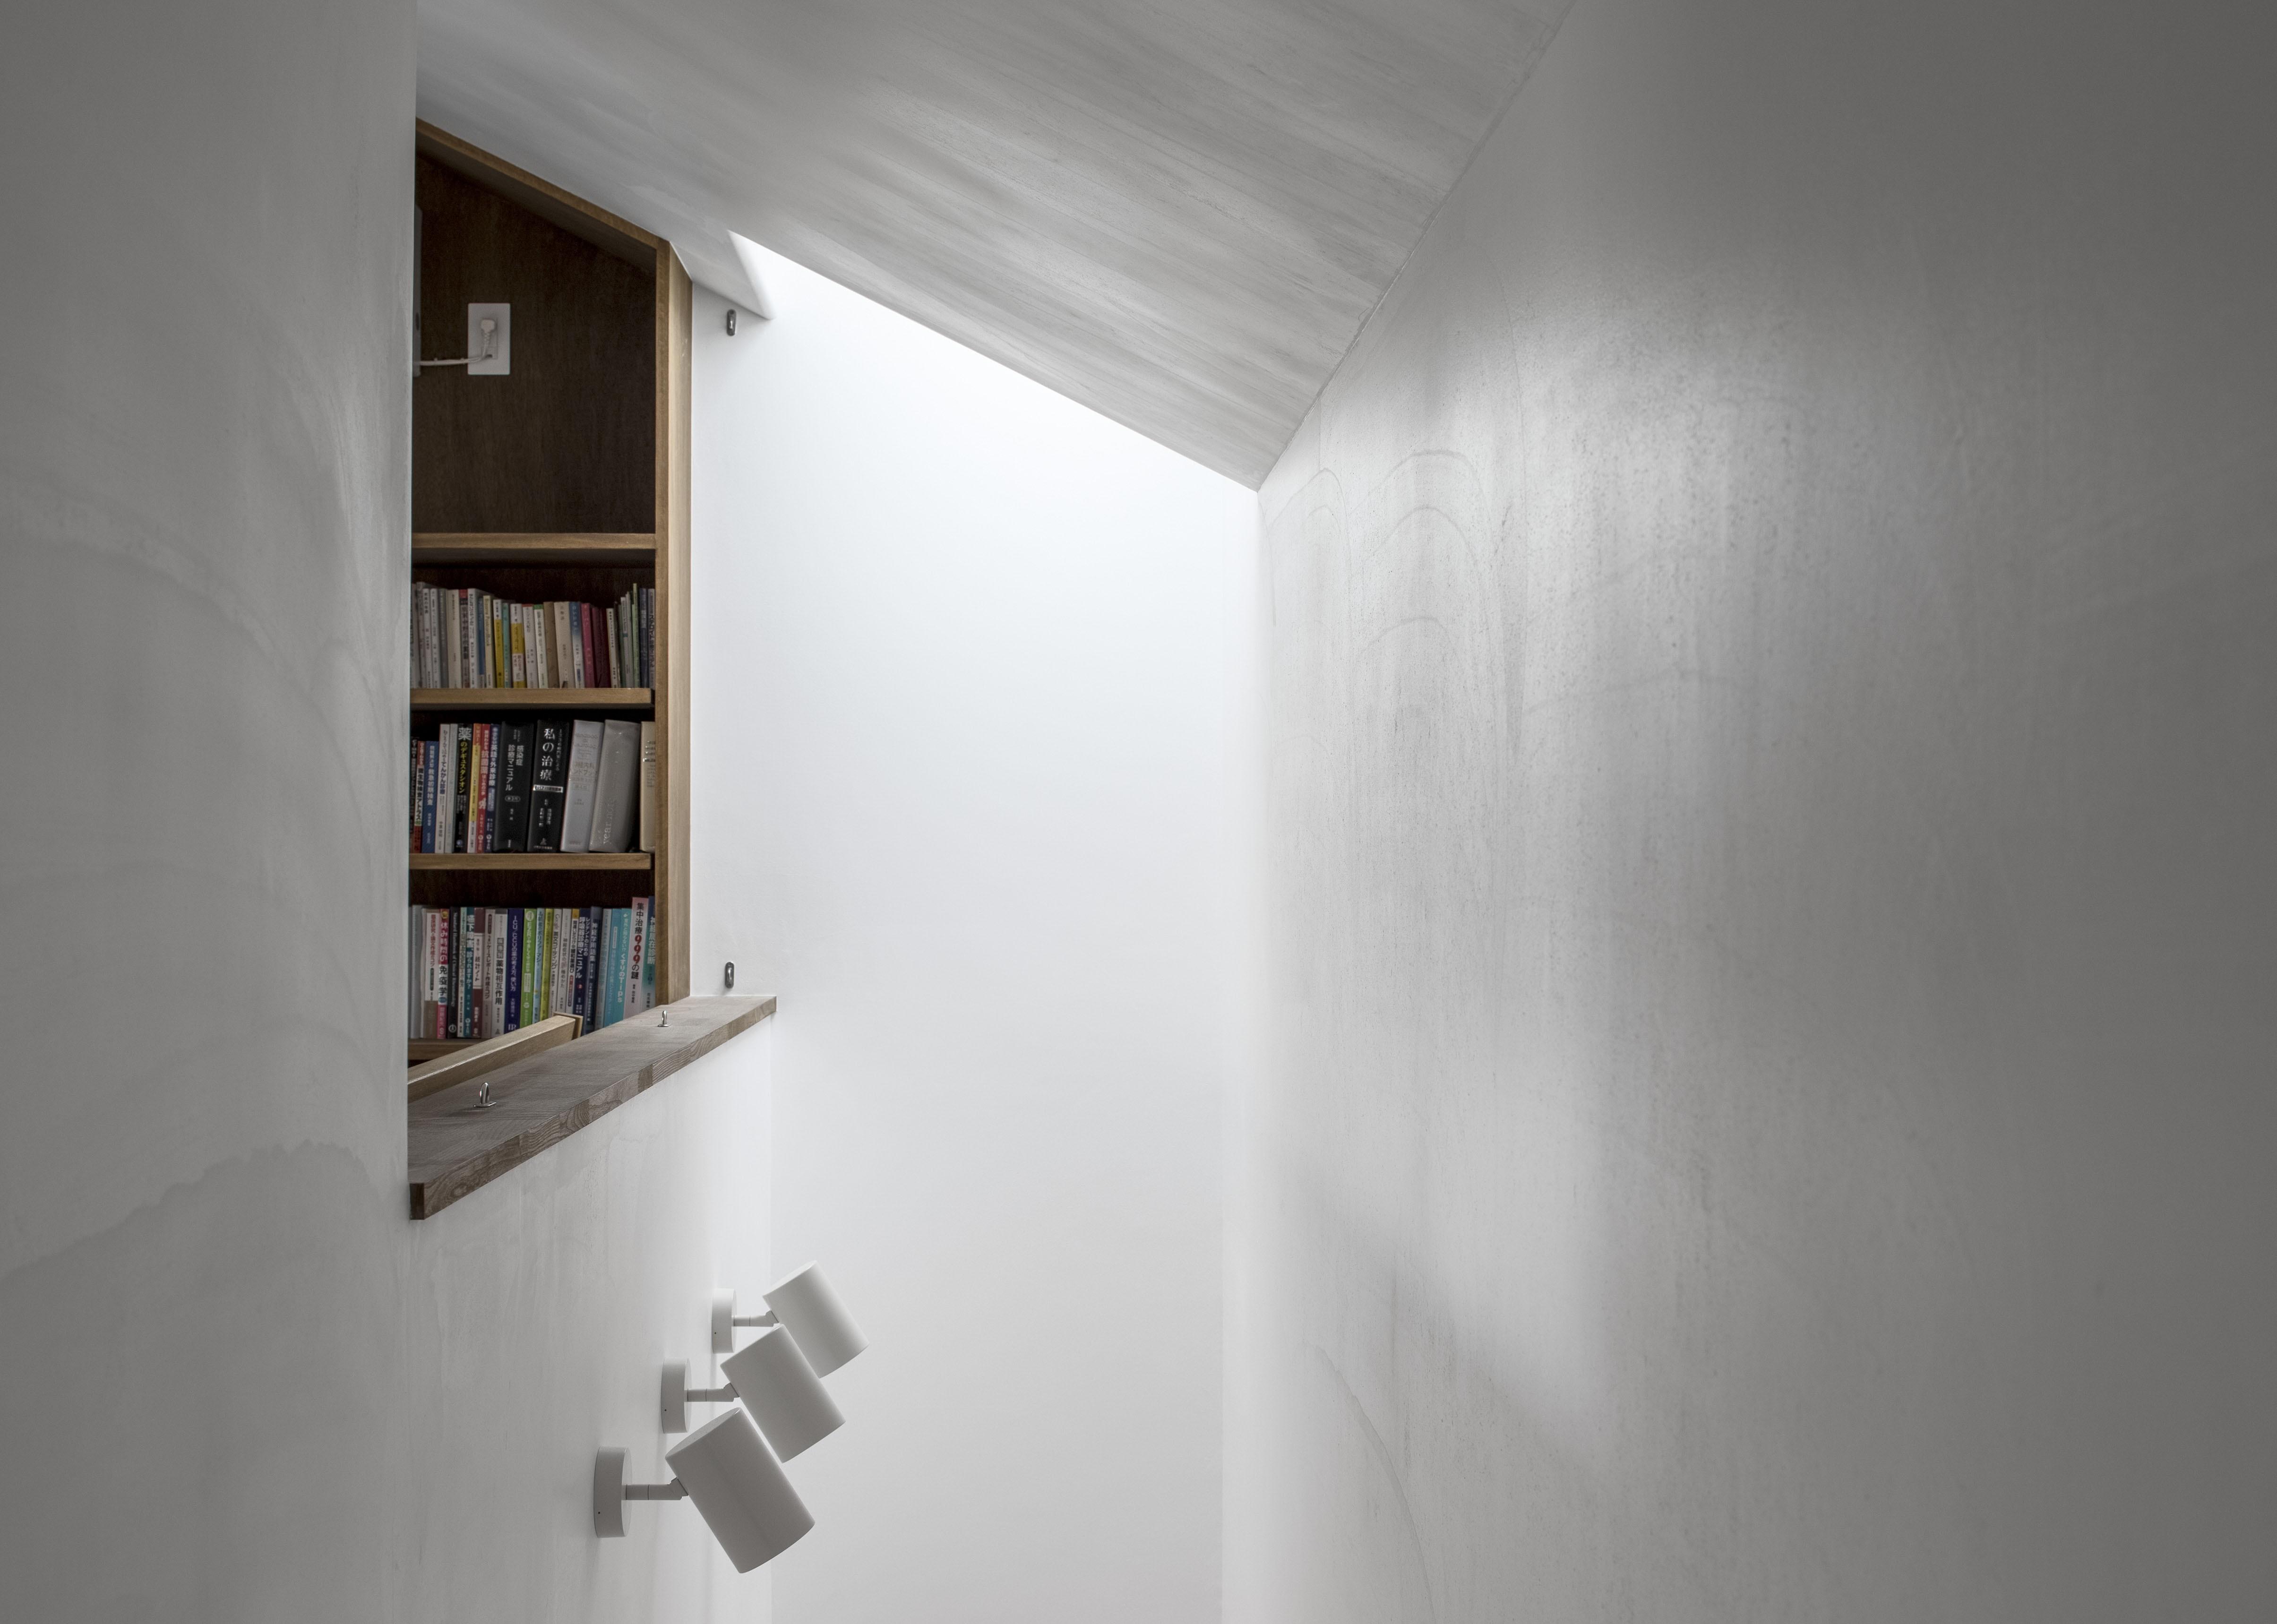 その他事例:スリット状の吹抜と天窓(井の頭О邸 -シームレスに包まれる温もりの家-)